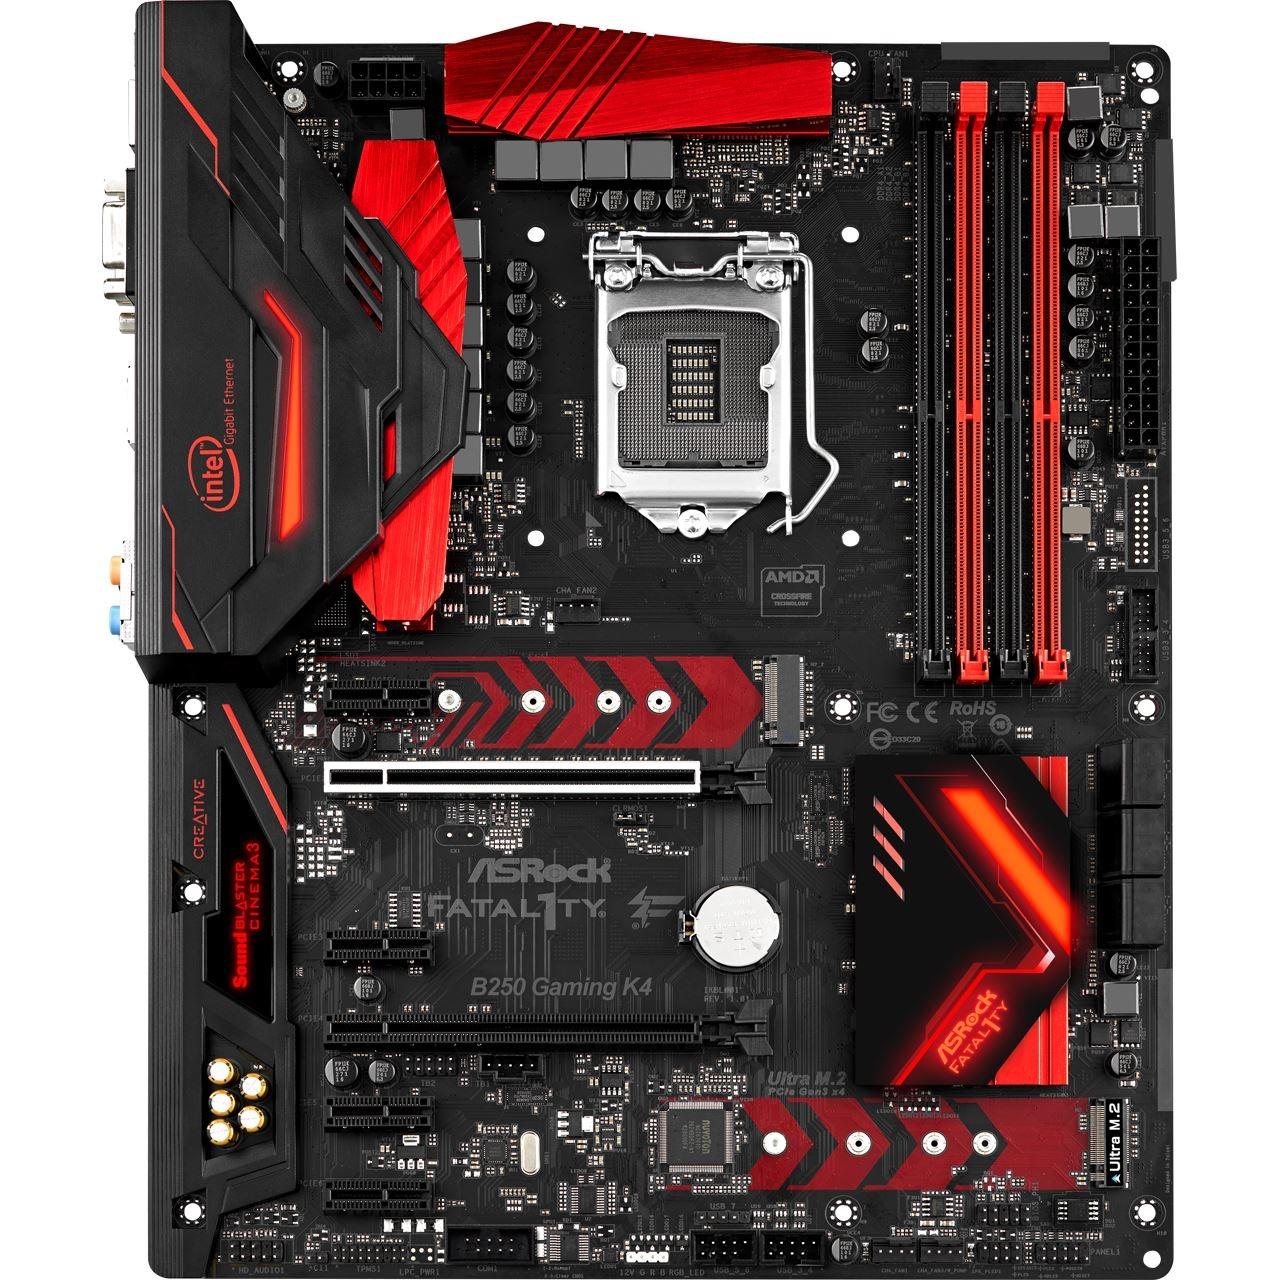 [NBB] ASRock Fatal1ty B250 Gaming K4 Mainboard, Intel Sockel 1151, 4x DDR4 DIMM, 3x M.2, USB 3.0